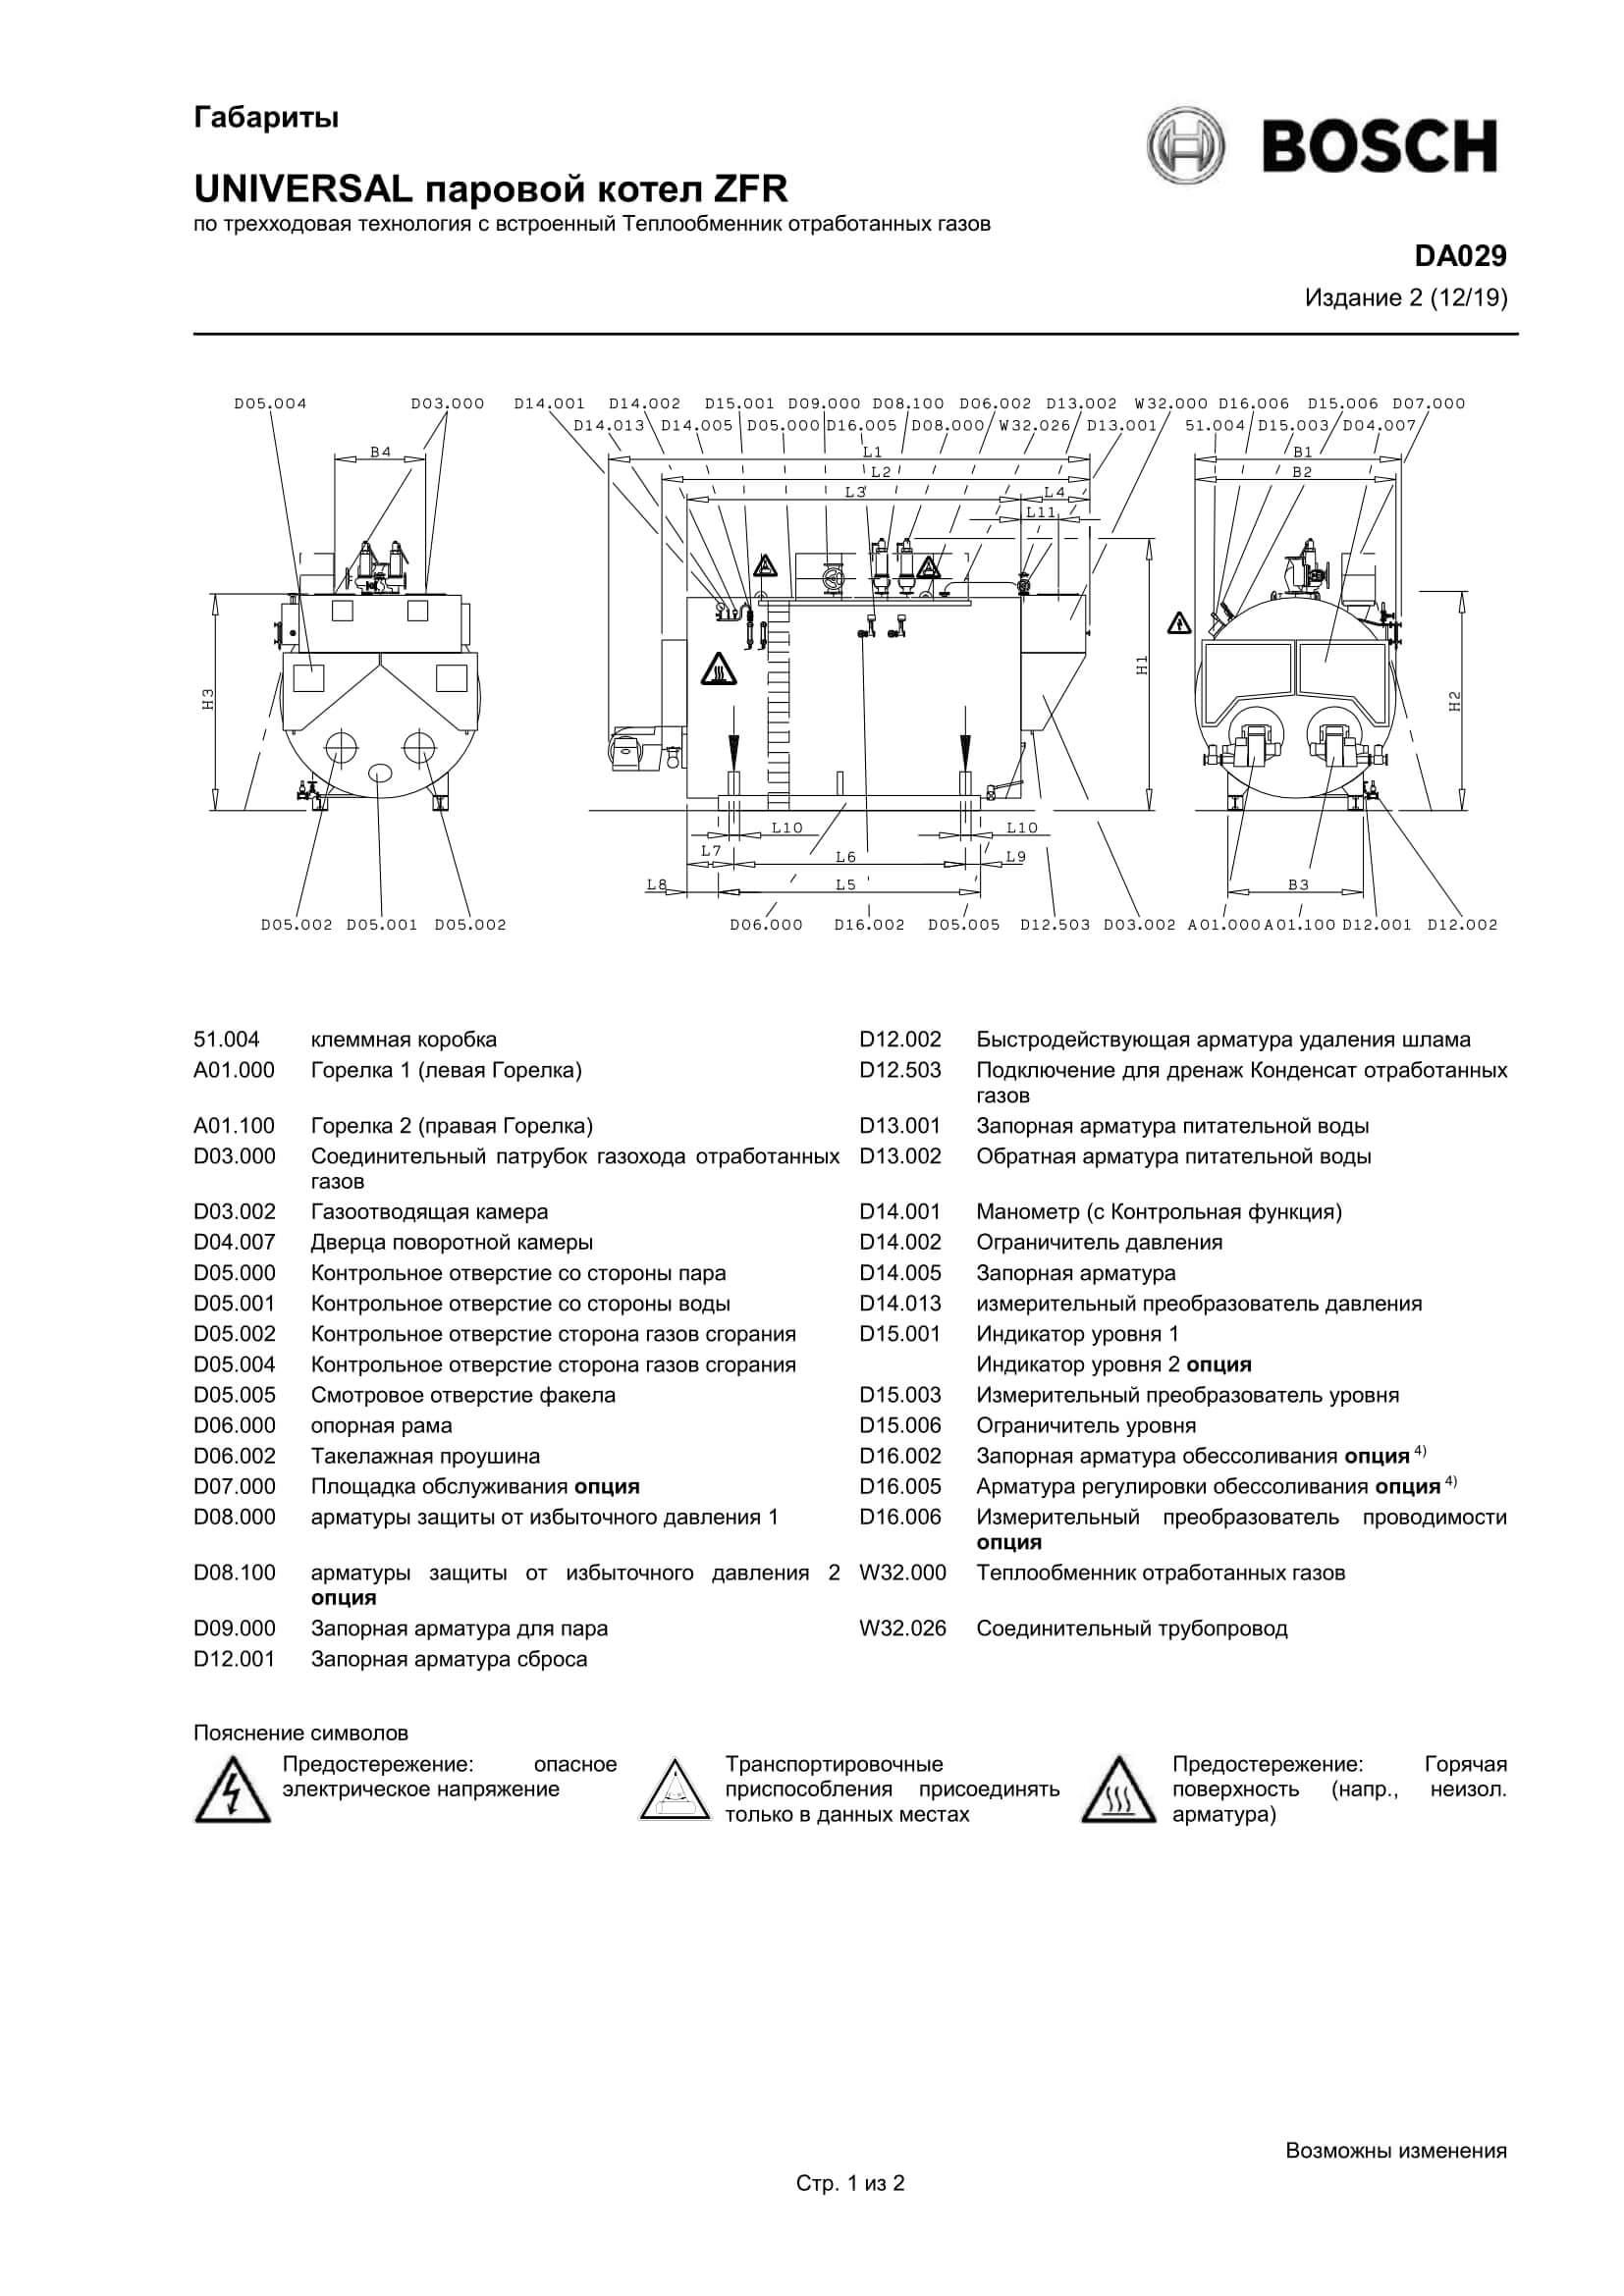 Фотография Габариты комбинированного котла дизель/газ с экономайзером UNIVERSAL ZFR, ZFR-X